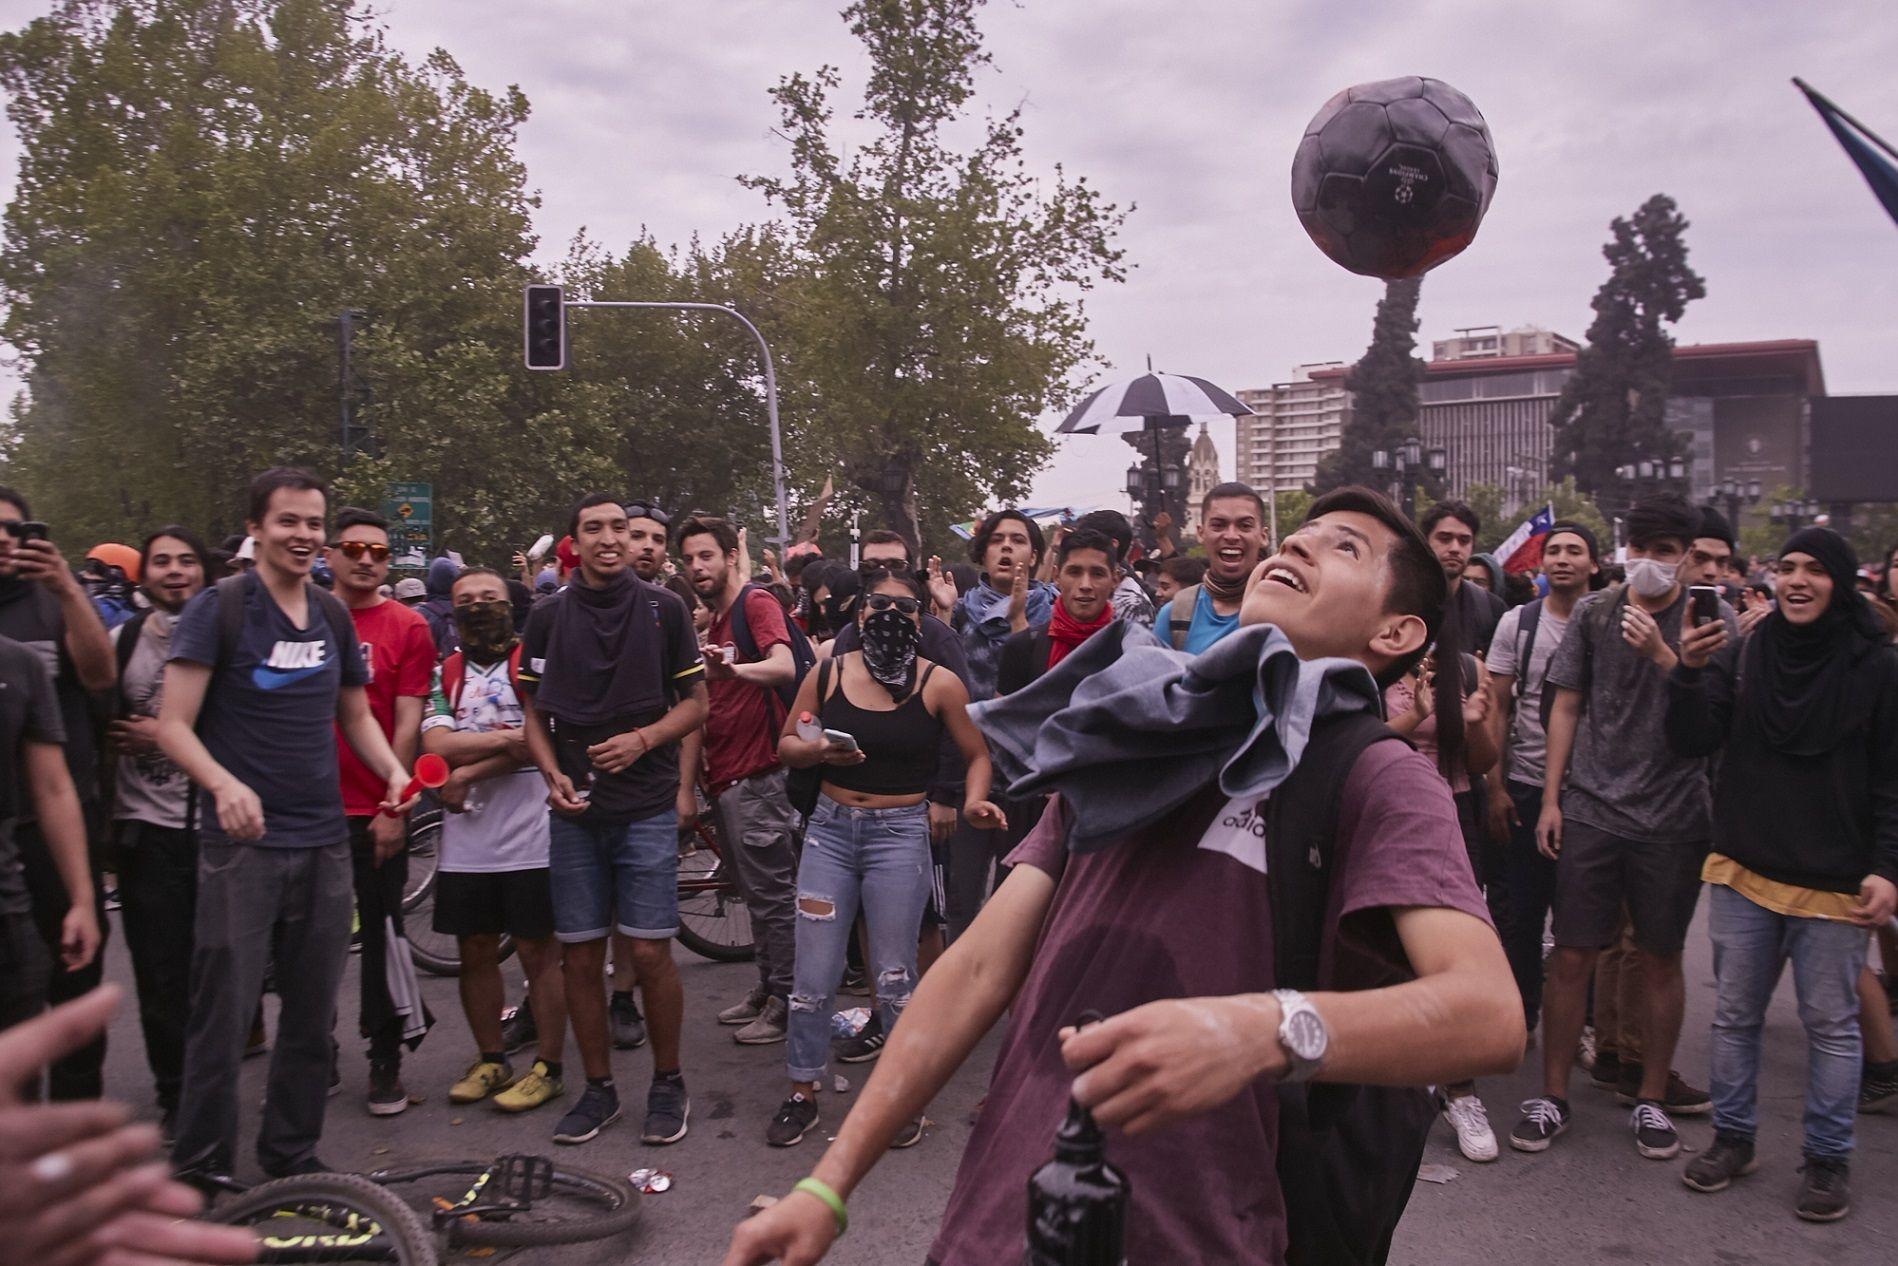 Manifestante haciendo juegos con el balón